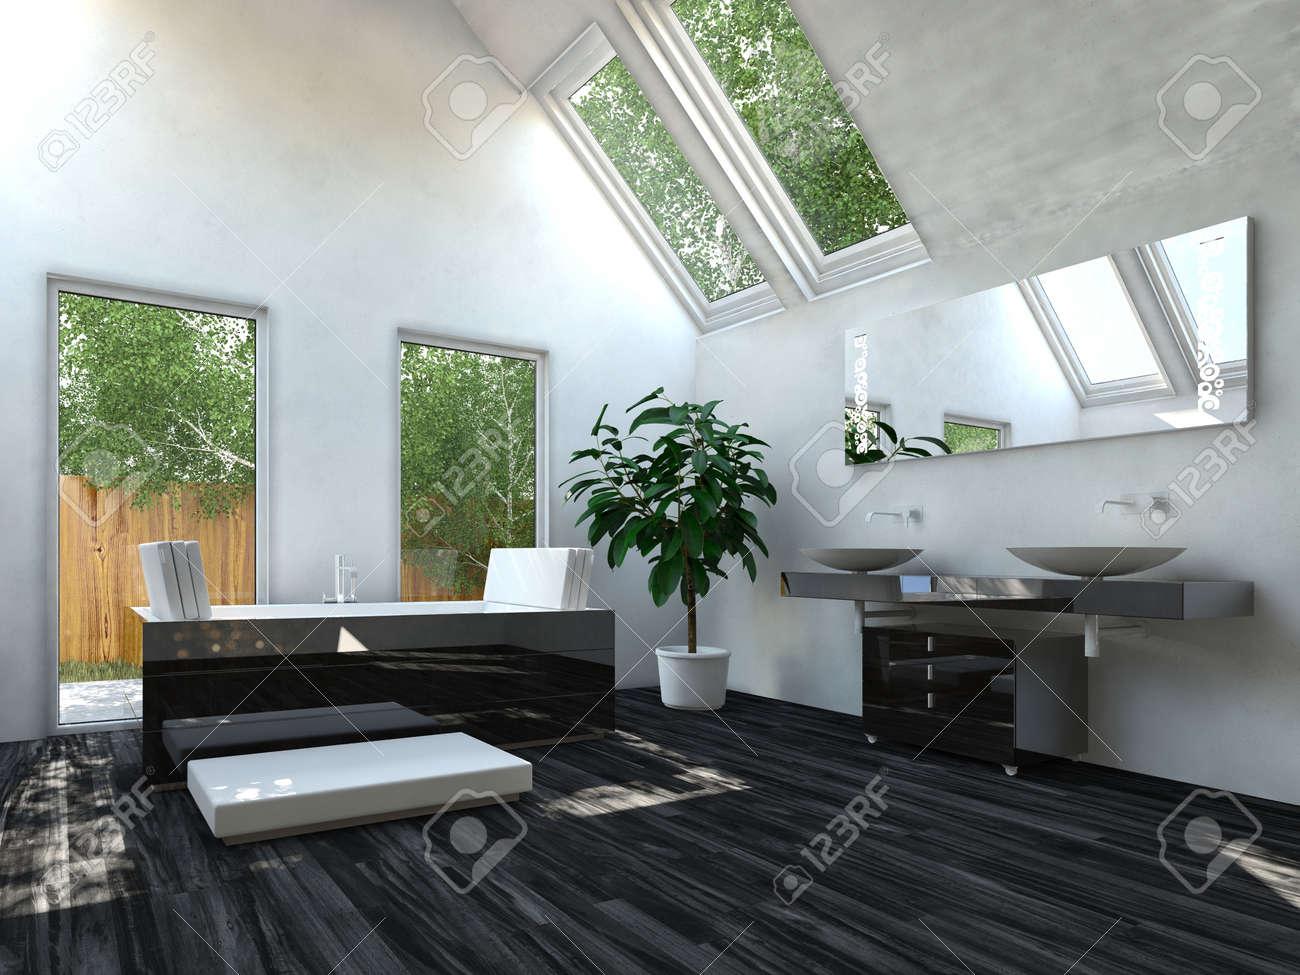 Elegante Schwarze Bodenbelag Wohnzimmer Mit Weißen Und Glaswände  Standard Bild   31010339